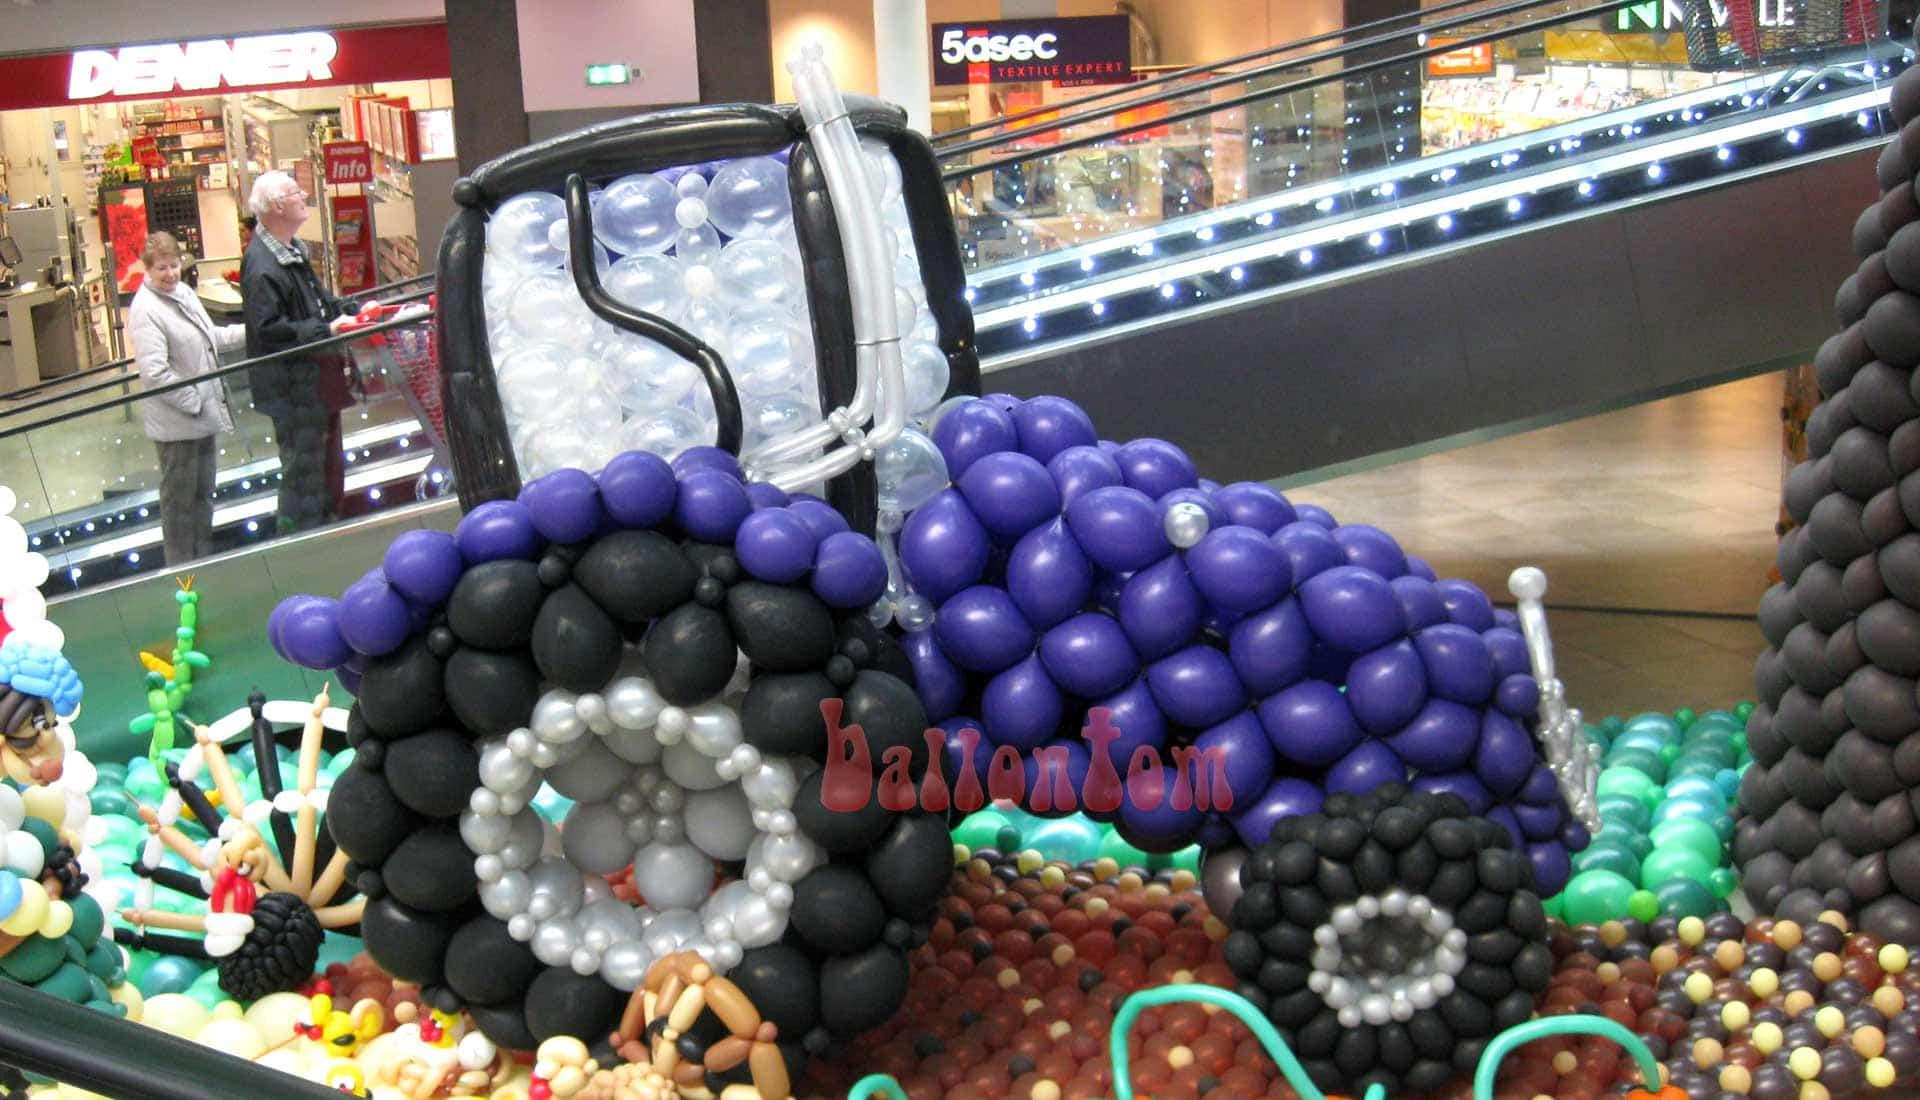 Ballonwelt Lausanne - Schweiz - Traktor - Projekt: Canniballoon Team Didier Dvorak - Unterstützt durch ballontom